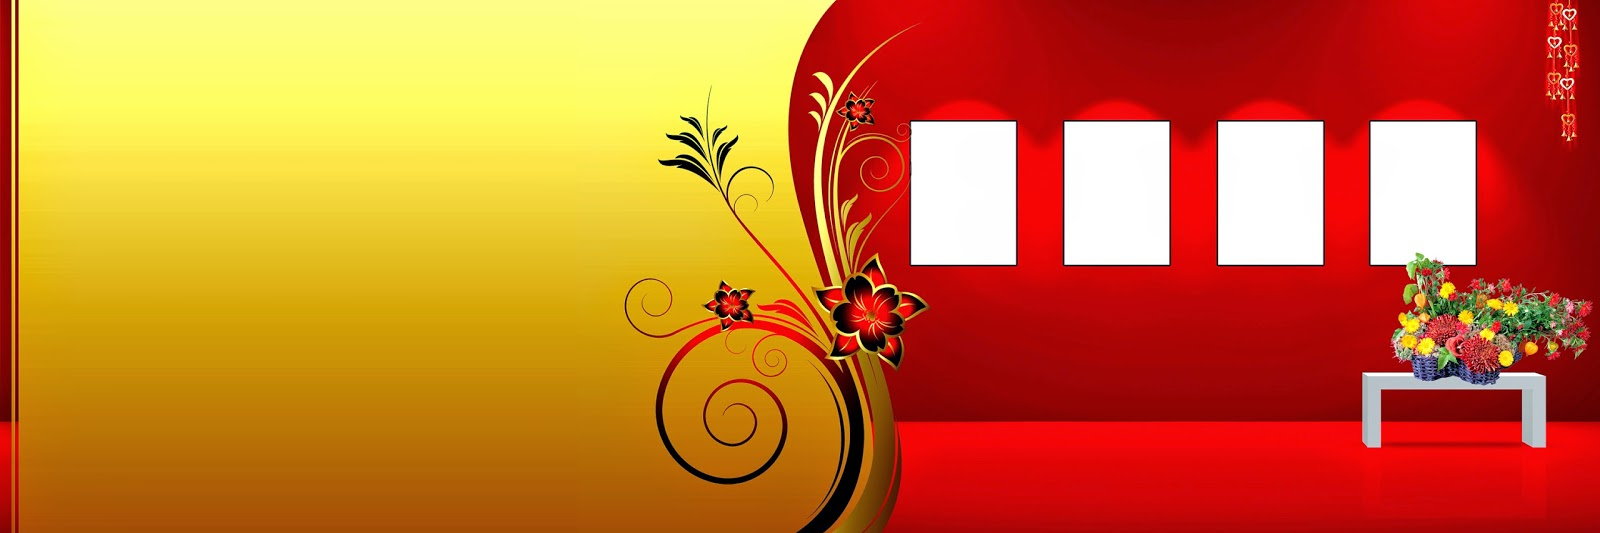 Indian Wedding Album Design Png Free Download Wedding